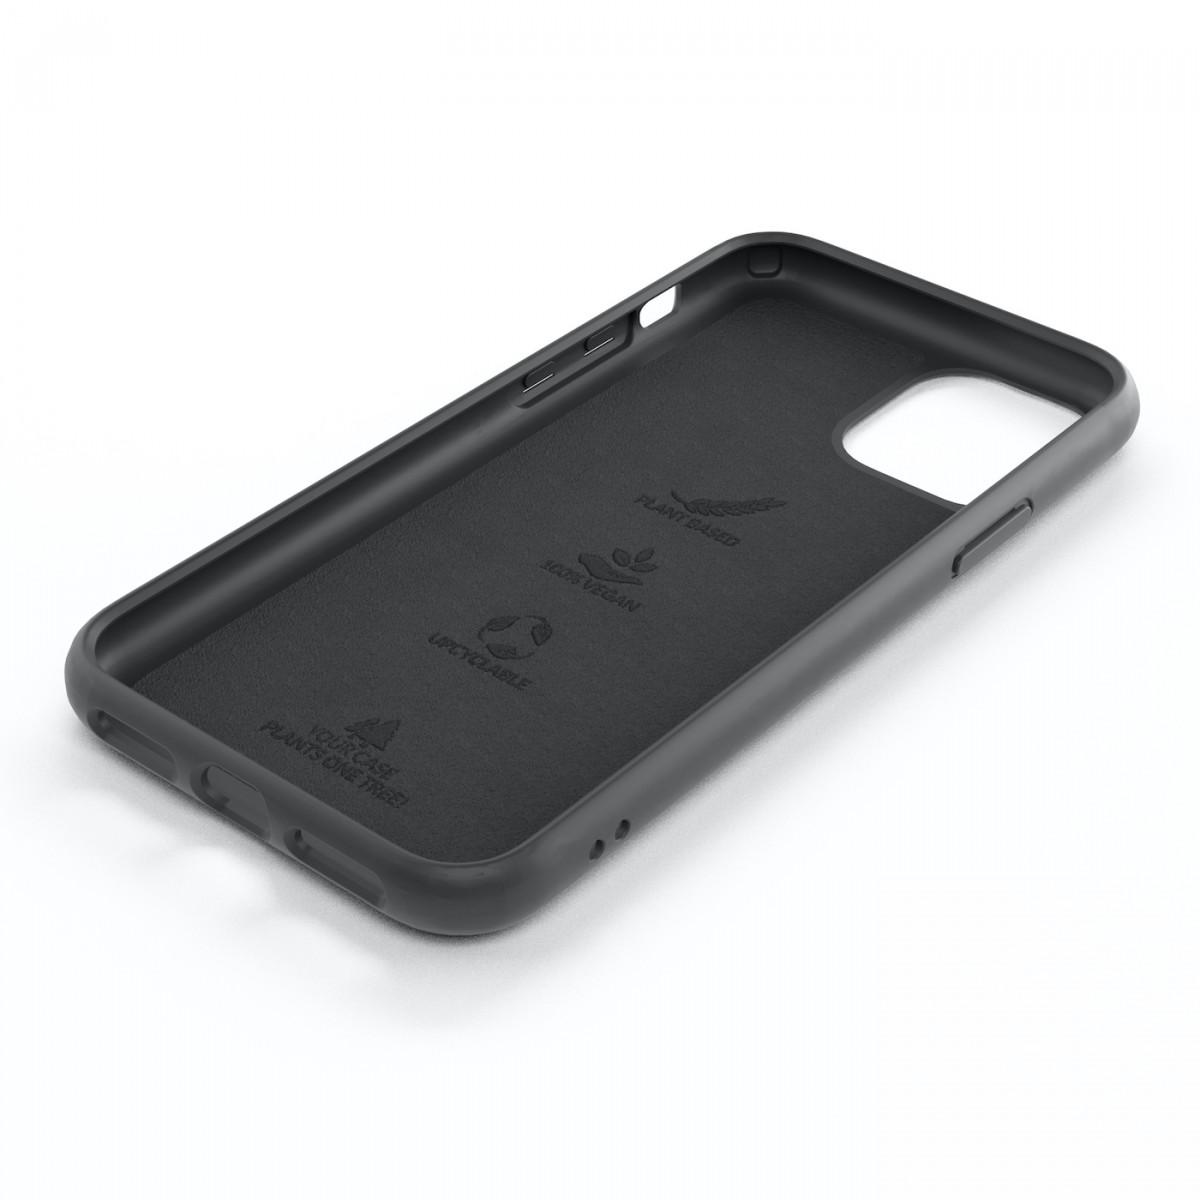 Woodcessoires – Nachhaltige iPhone Hülle aus Bio-Material für iPhone 12 / Mini / Pro / Pro Max (schwarz)